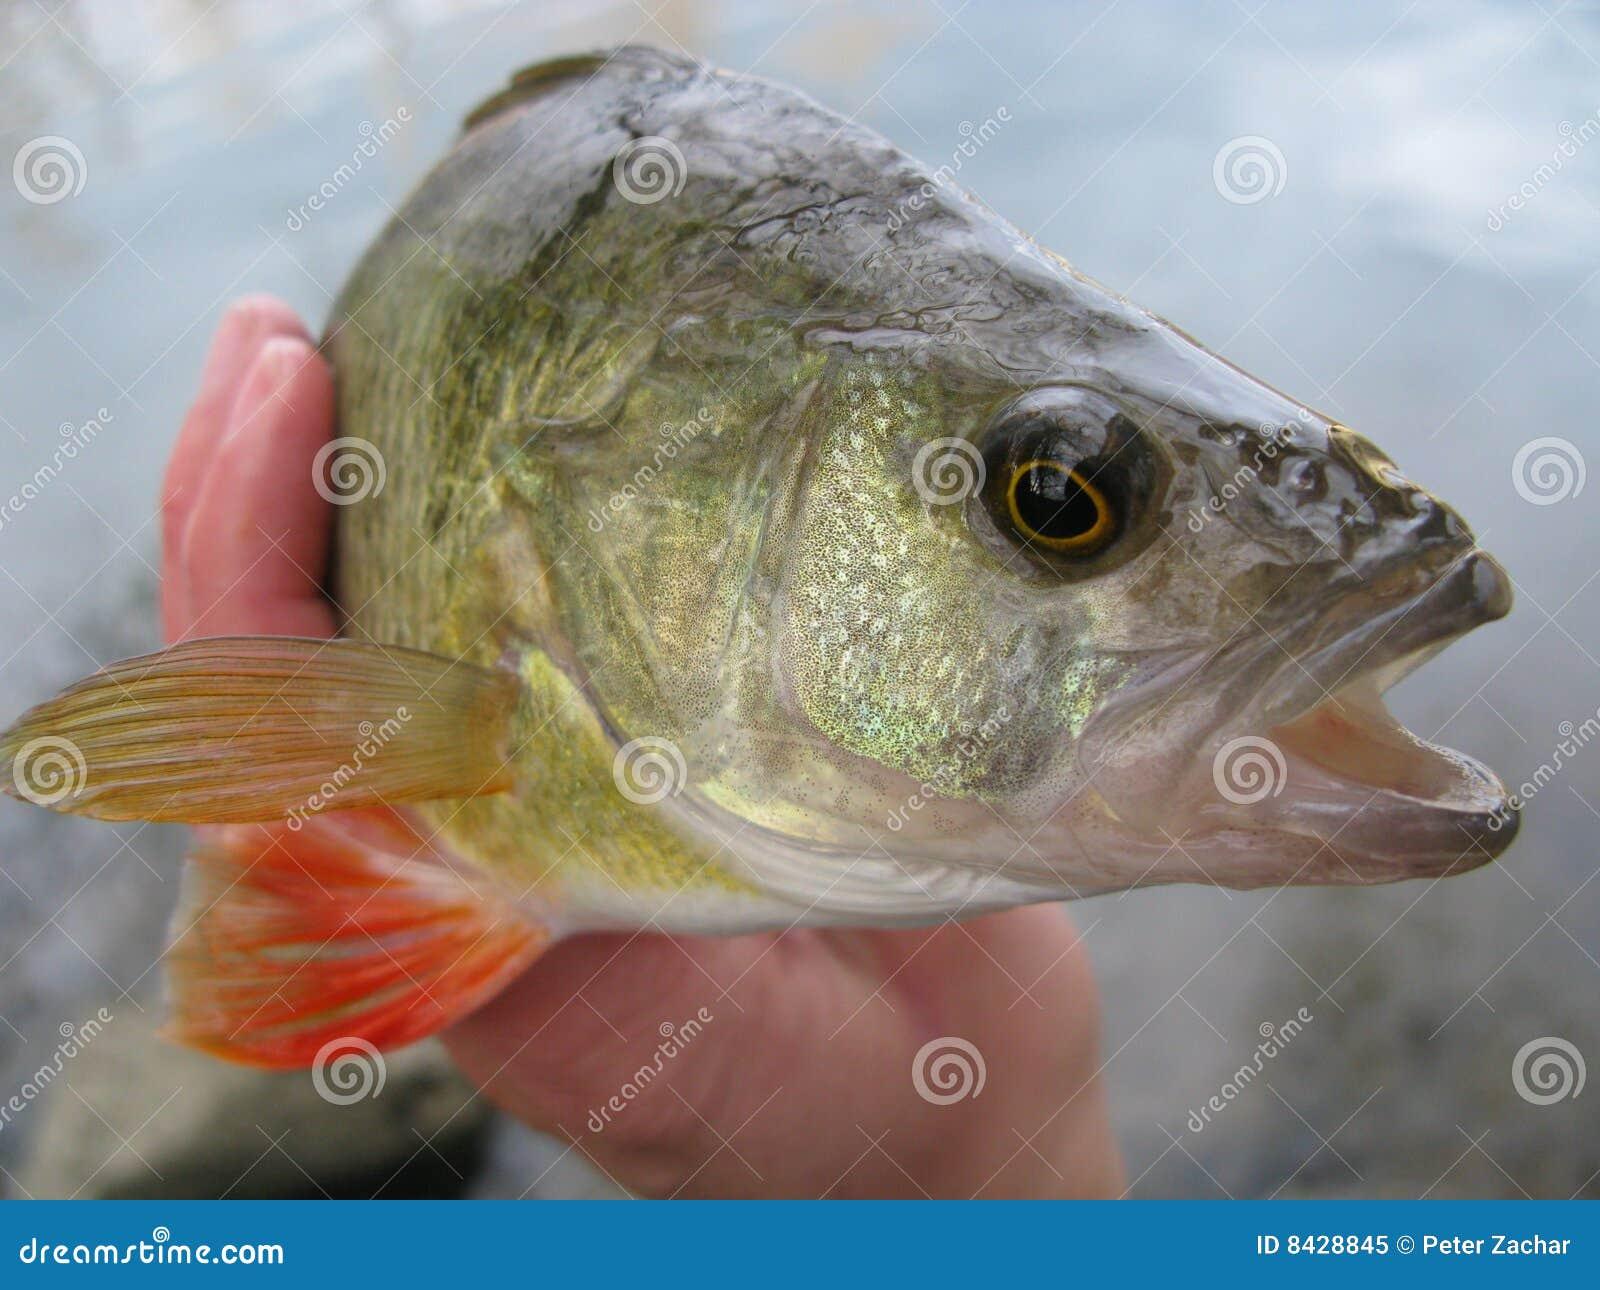 Fishing - perch